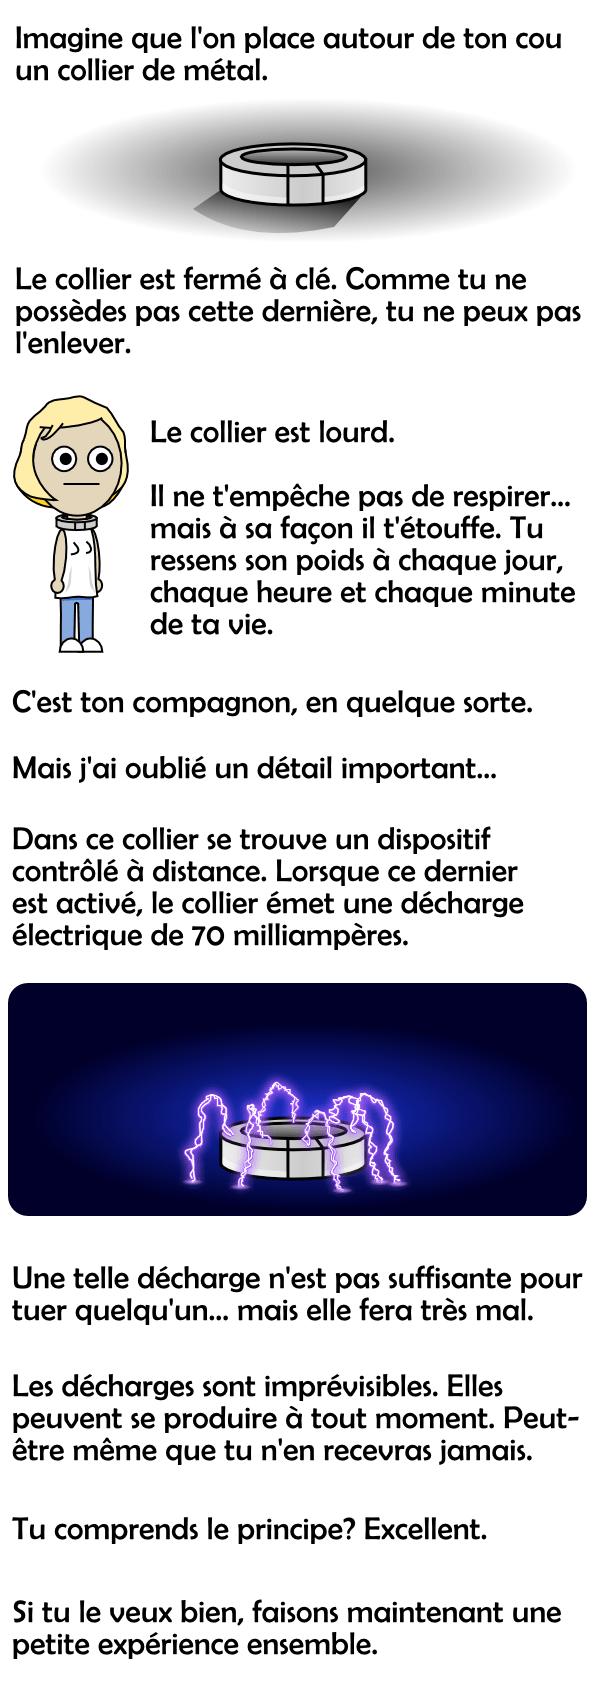 Collier de métal et décharge électrique